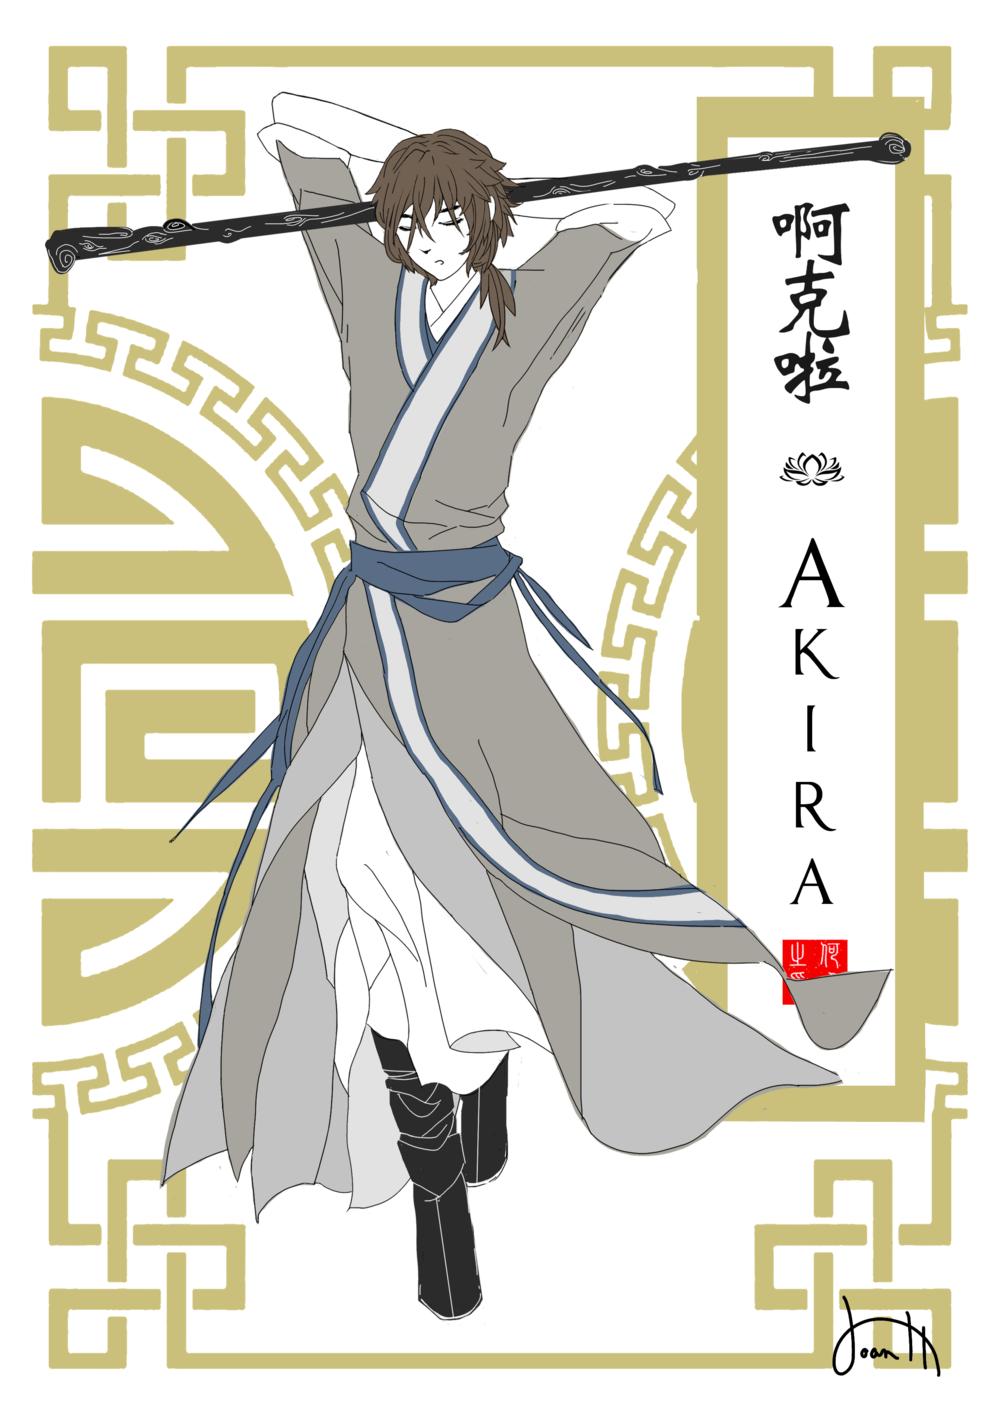 akira character card.png